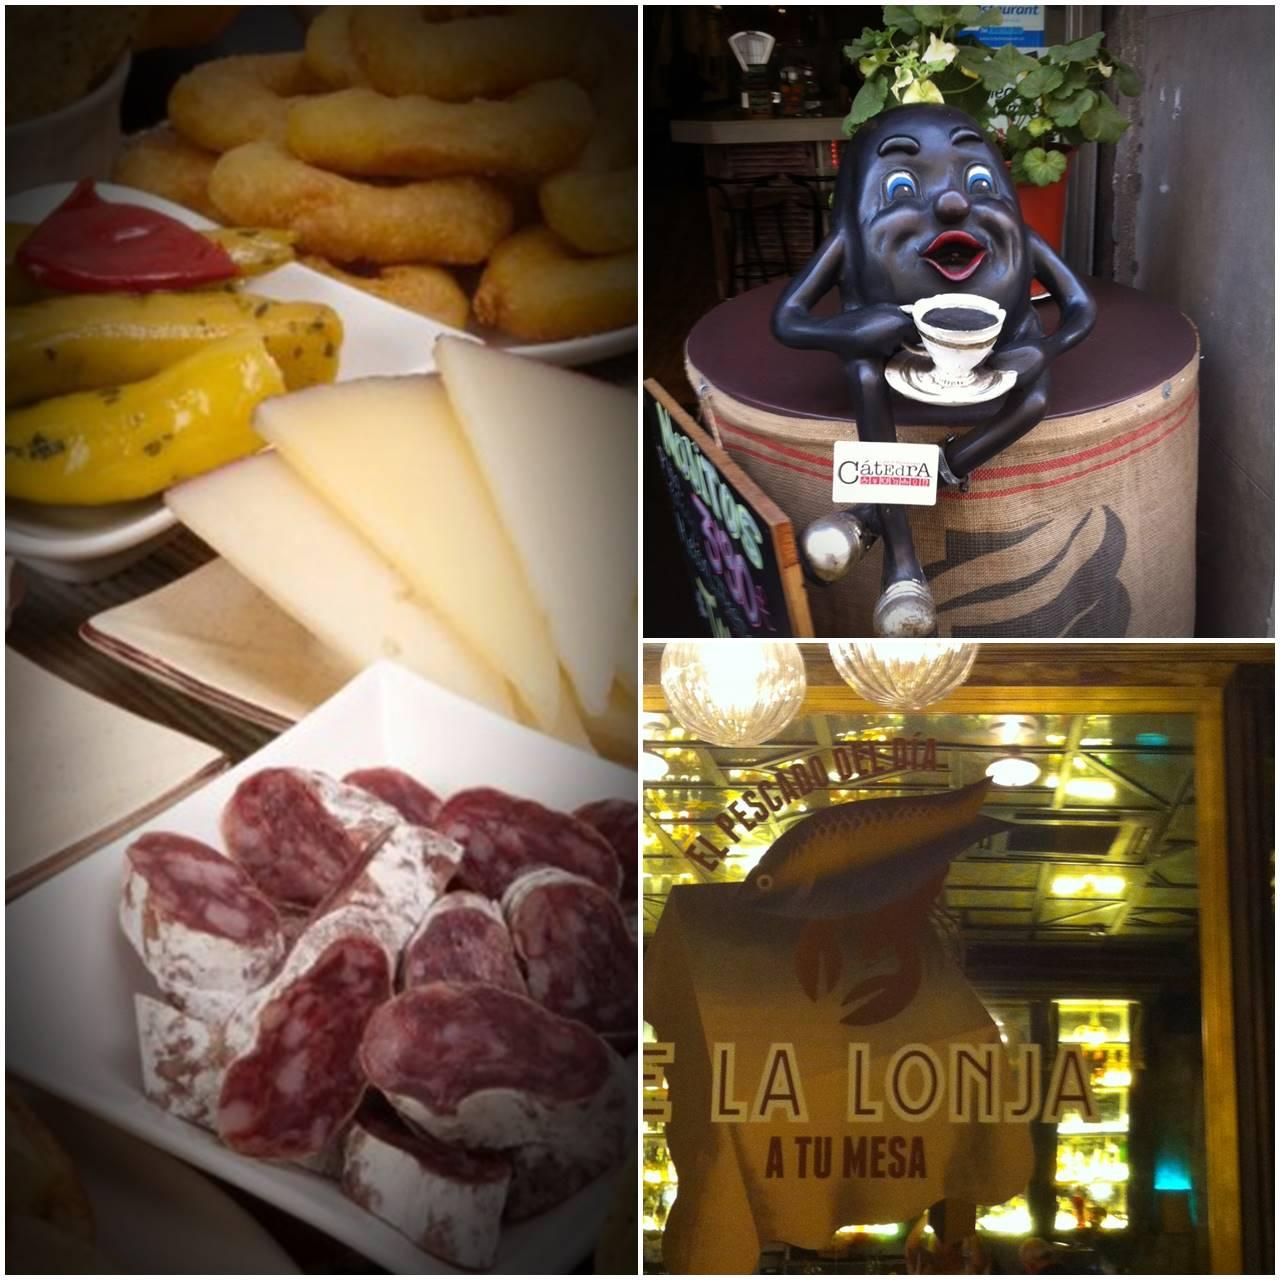 Barcelona kulinarisch ein Höhepunkt bei zeitlos bezaubernd